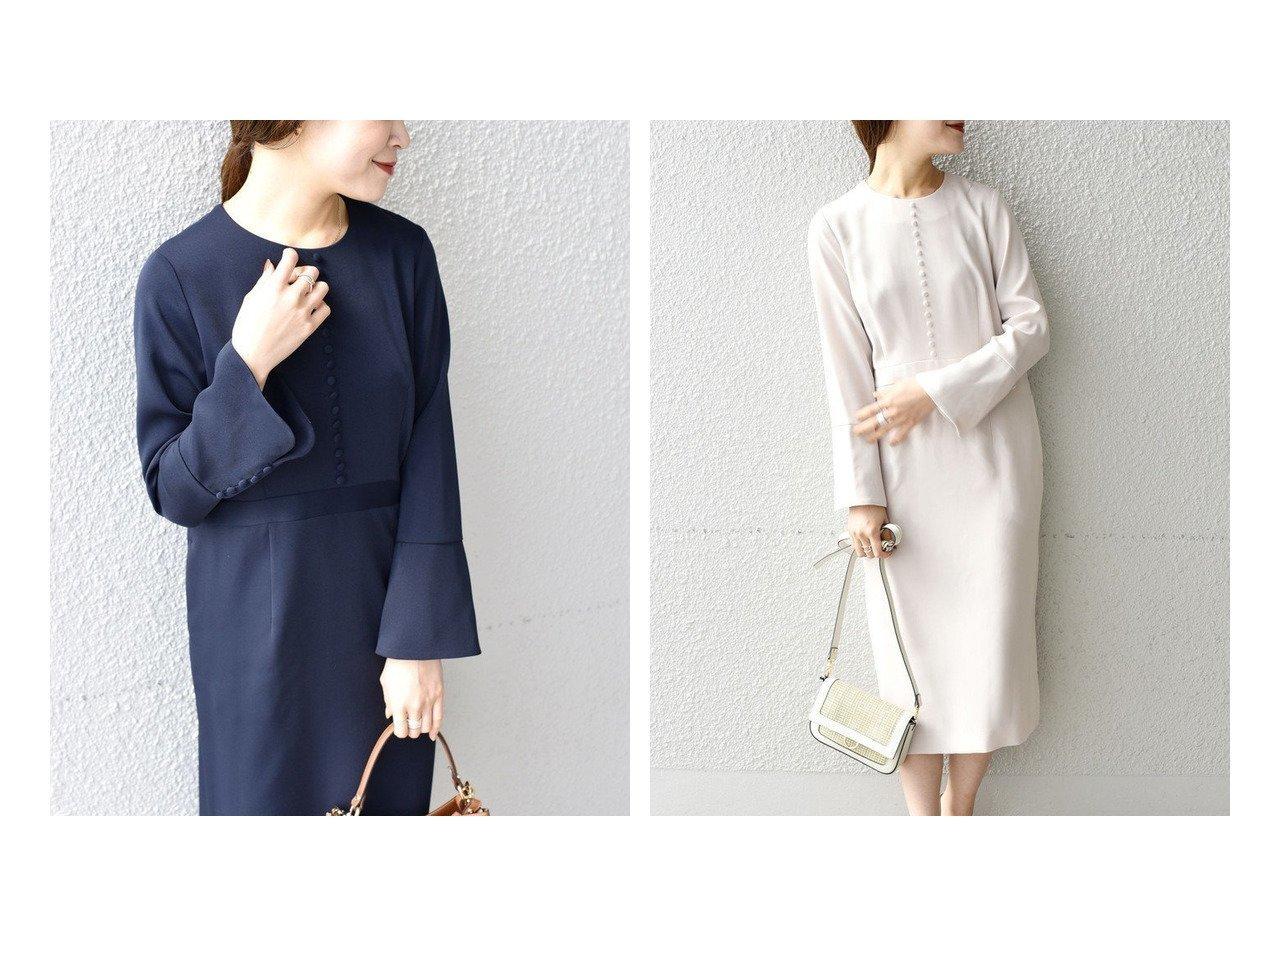 【SHIPS/シップス フォー ウィメン】のlittle black フロントボタンフレアスリーブワンピース ワンピース・ドレスのおすすめ!人気、トレンド・レディースファッションの通販 おすすめで人気の流行・トレンド、ファッションの通販商品 メンズファッション・キッズファッション・インテリア・家具・レディースファッション・服の通販 founy(ファニー) https://founy.com/ ファッション Fashion レディースファッション WOMEN ワンピース Dress アクセサリー ジャケット トレンド フロント |ID:crp329100000022724